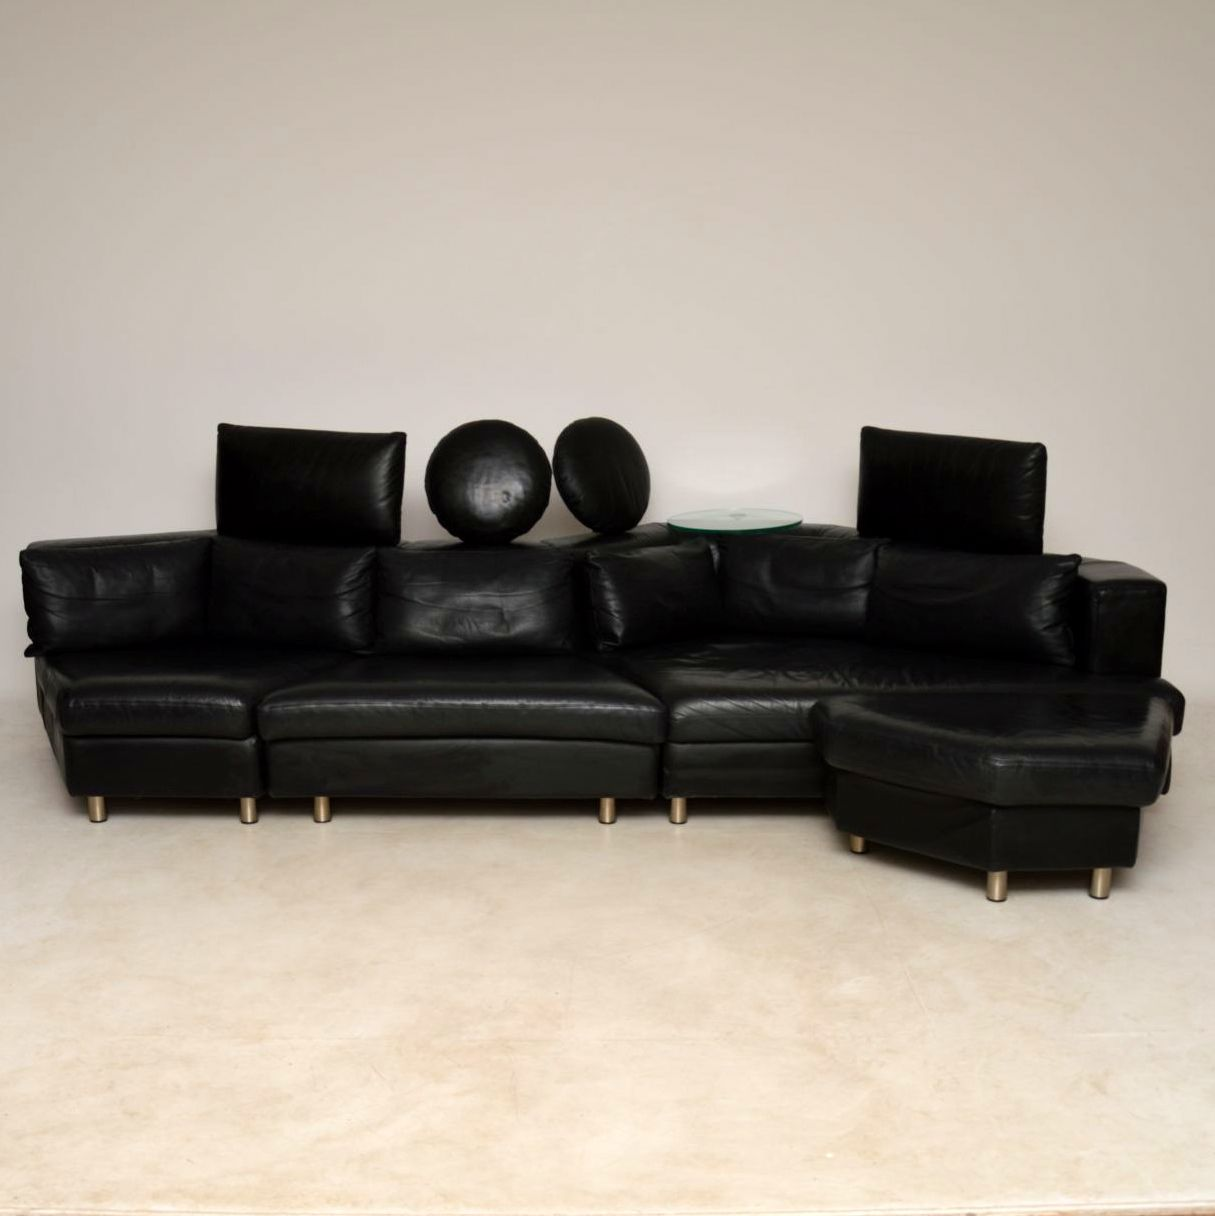 Voorkeur 1970's Vintage Leather Modular Sofa by Rolf Benz | Retrospective  NV86